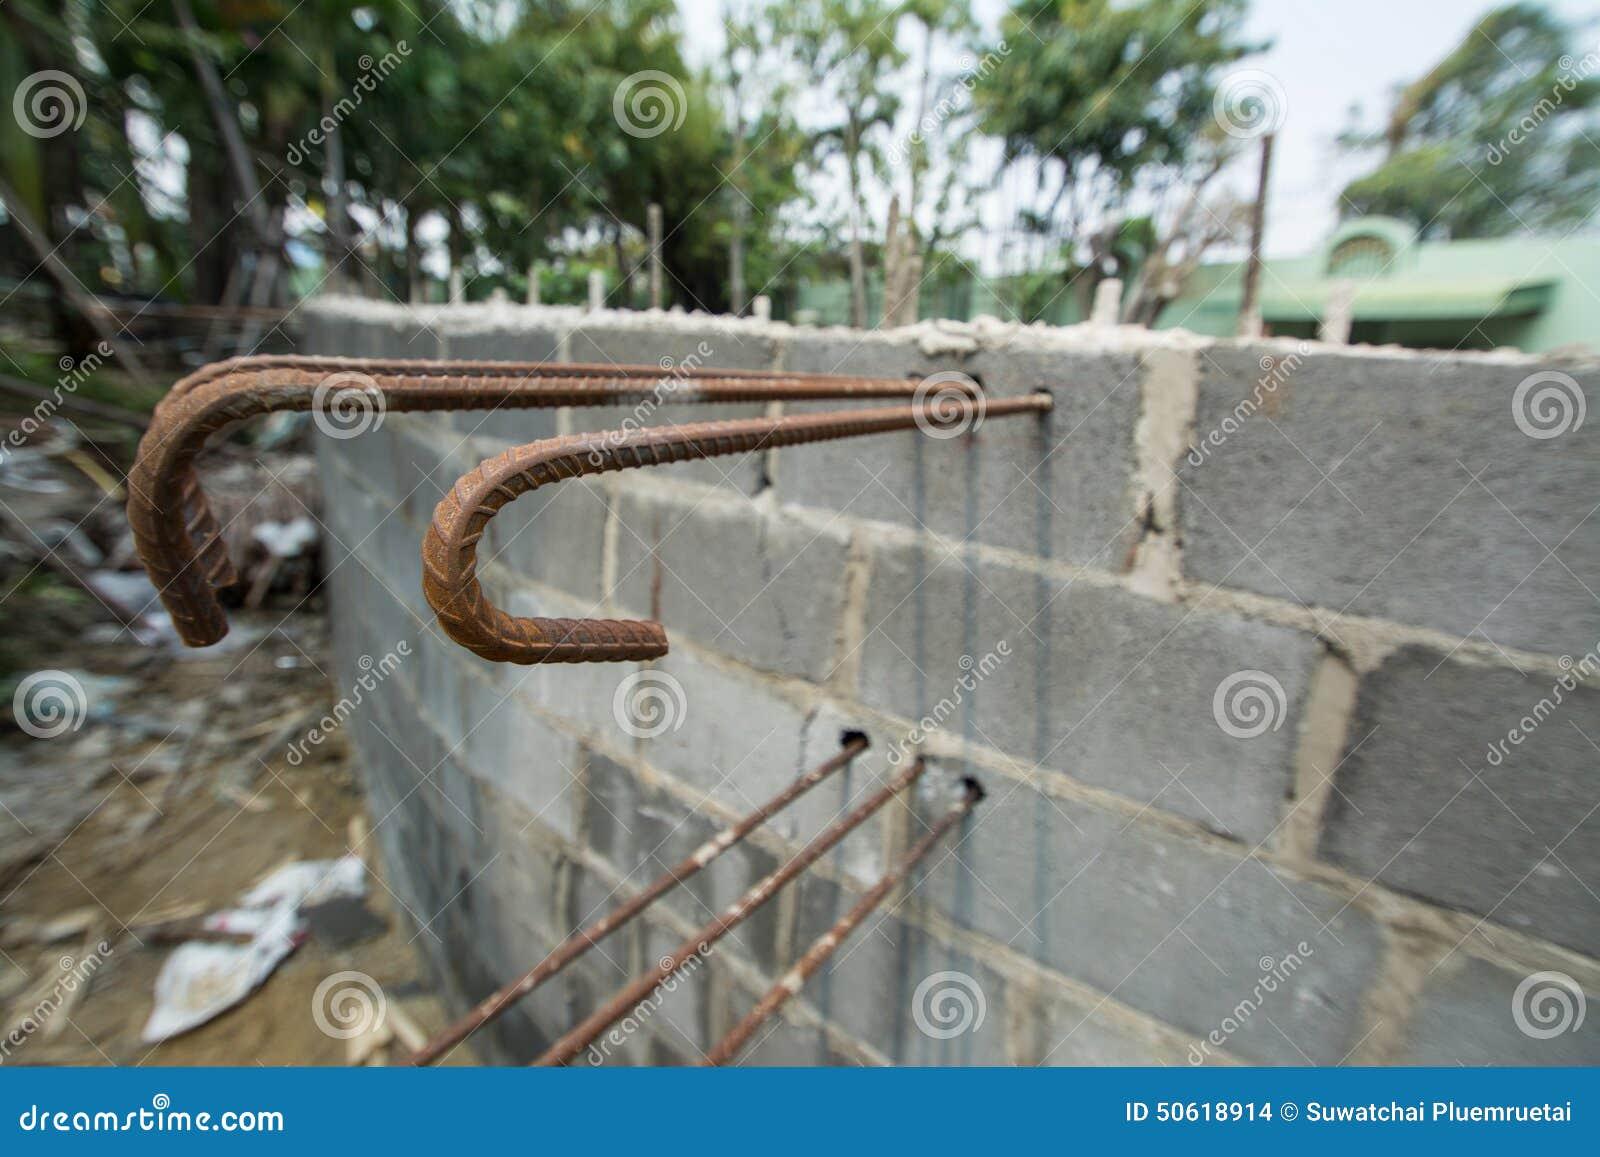 Усиливать стальные пруты в бетоне